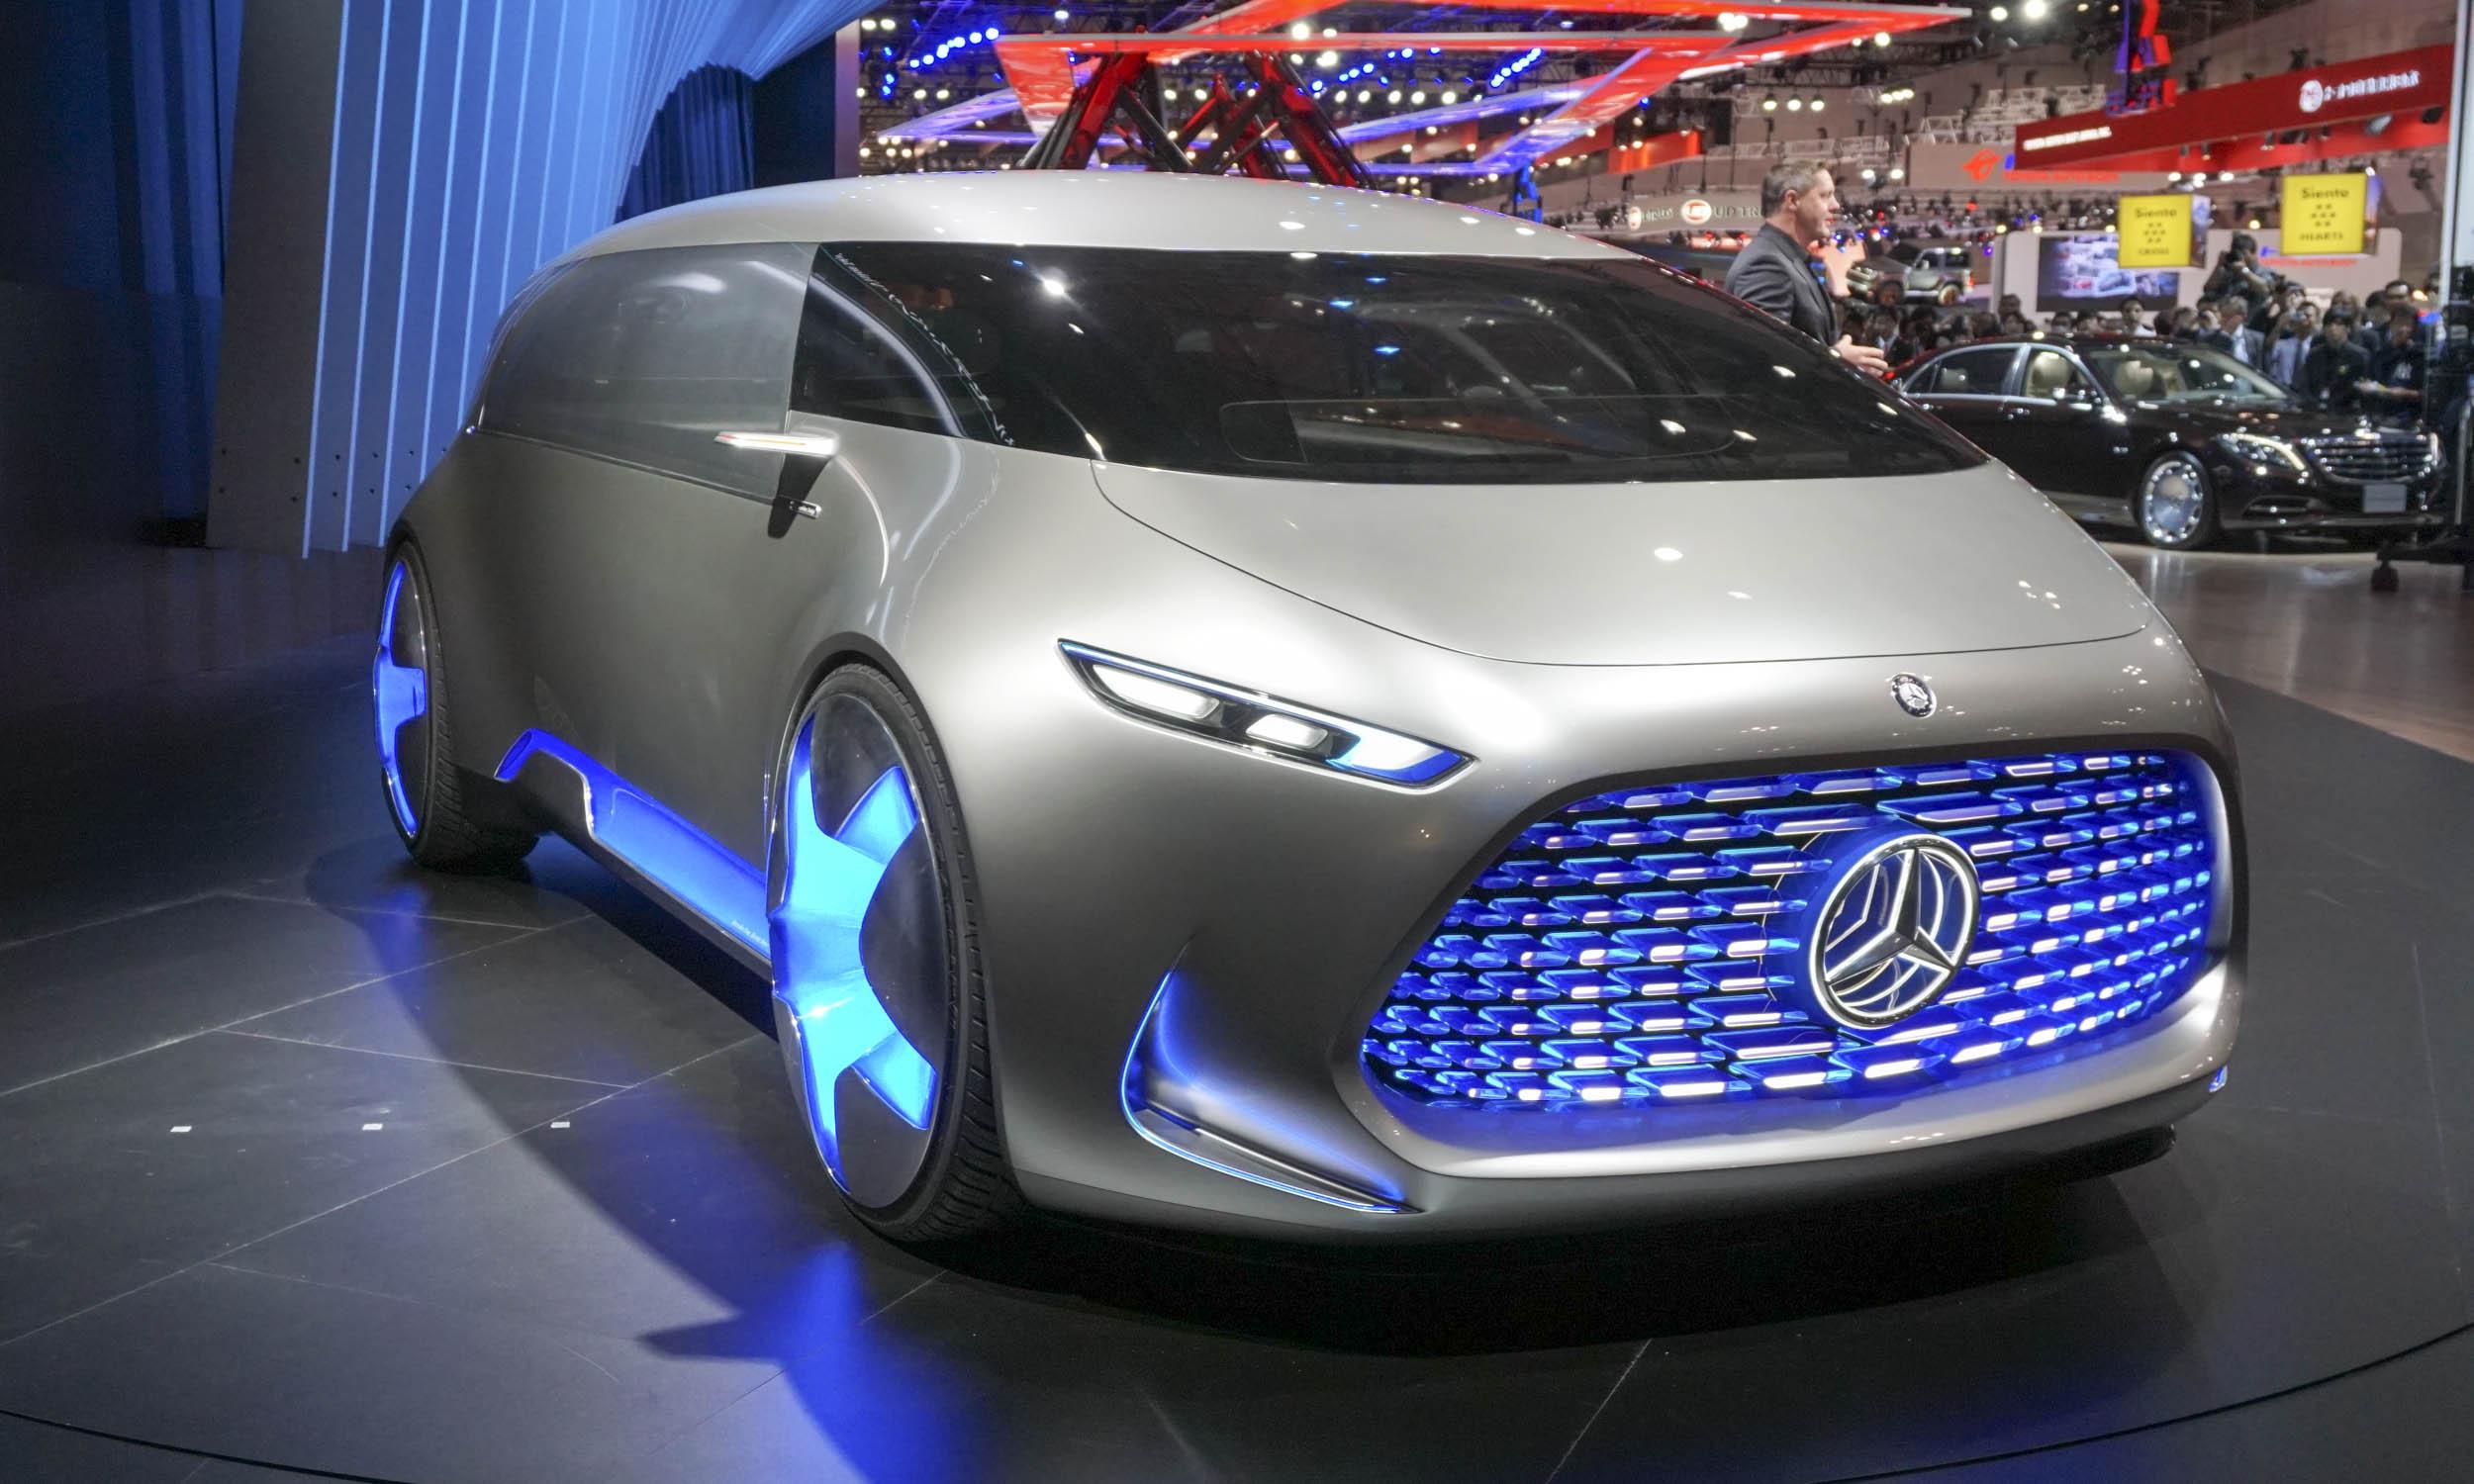 http://autonxt.net/wp-content/uploads/2015/10/Mercedes-Benz-Vision-Tokyo4.jpg